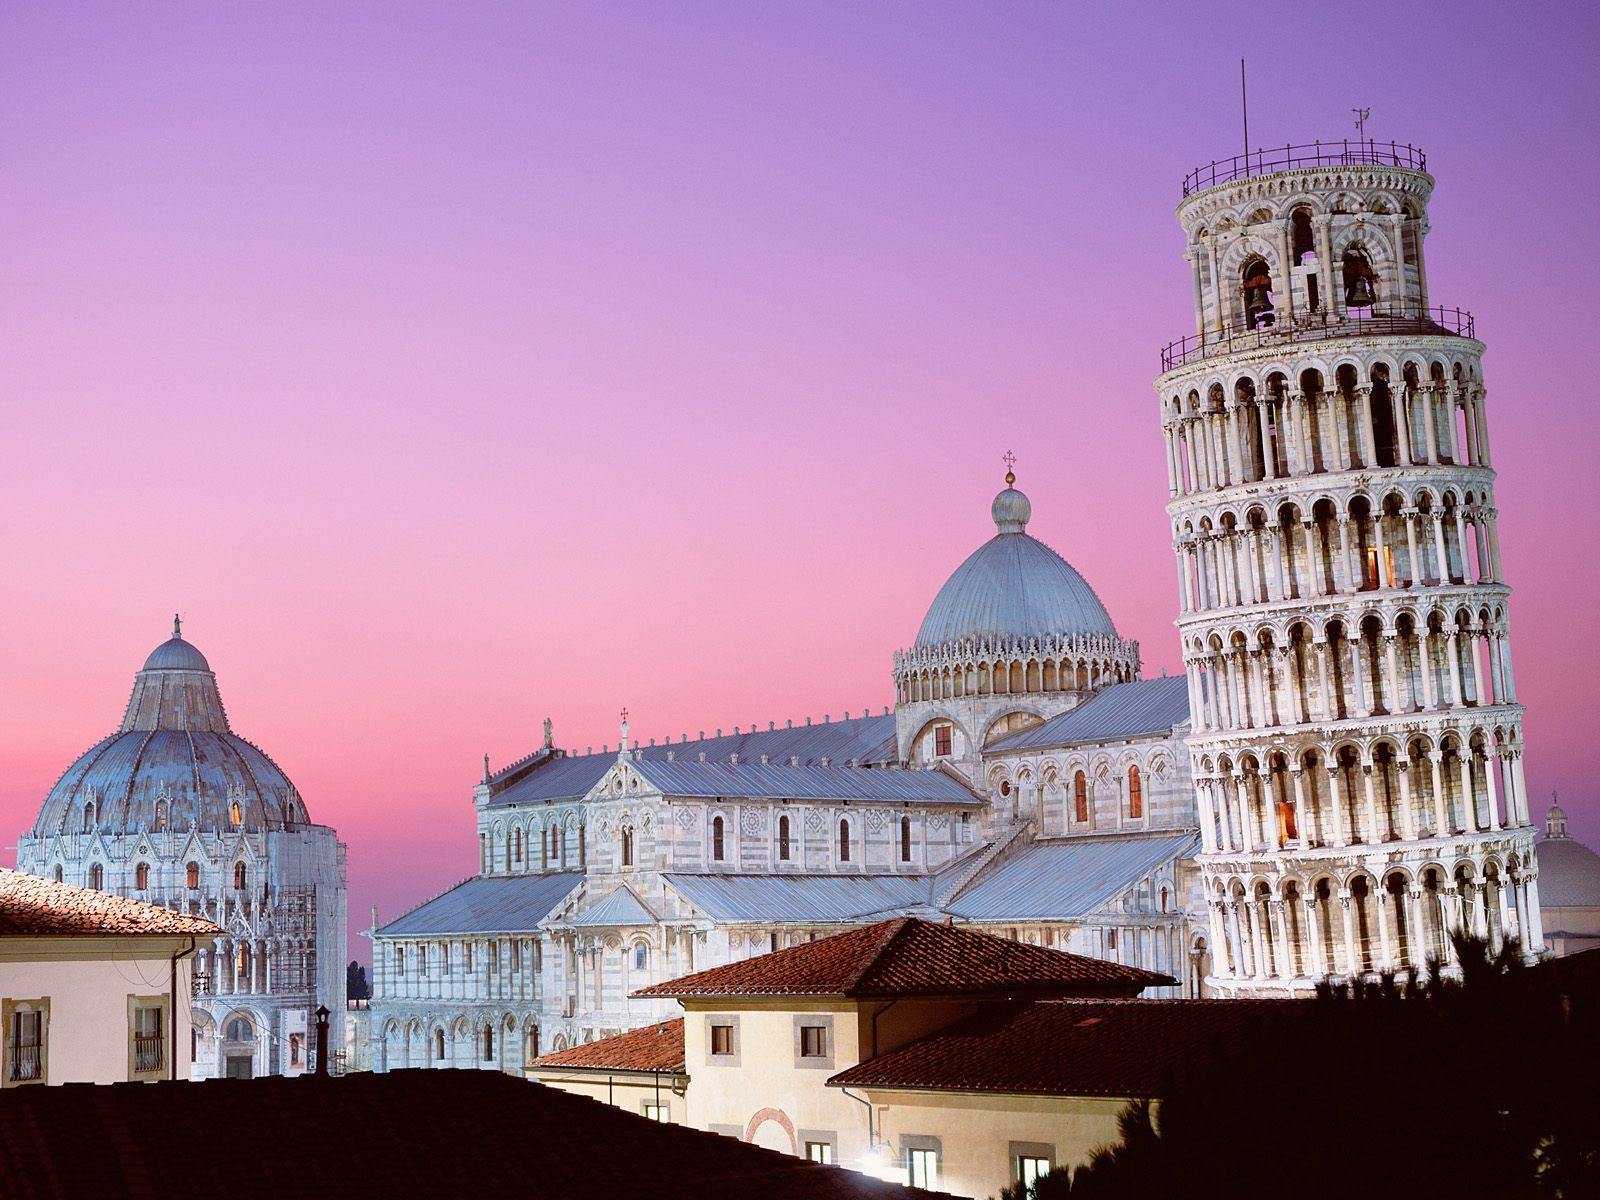 http://2.bp.blogspot.com/-S66NMyyGdPU/Tcp3_Ksp_FI/AAAAAAAACXQ/ZJVHuZn3upA/s1600/Leaning+Tower+of+Pisa%252C+Italy.jpg